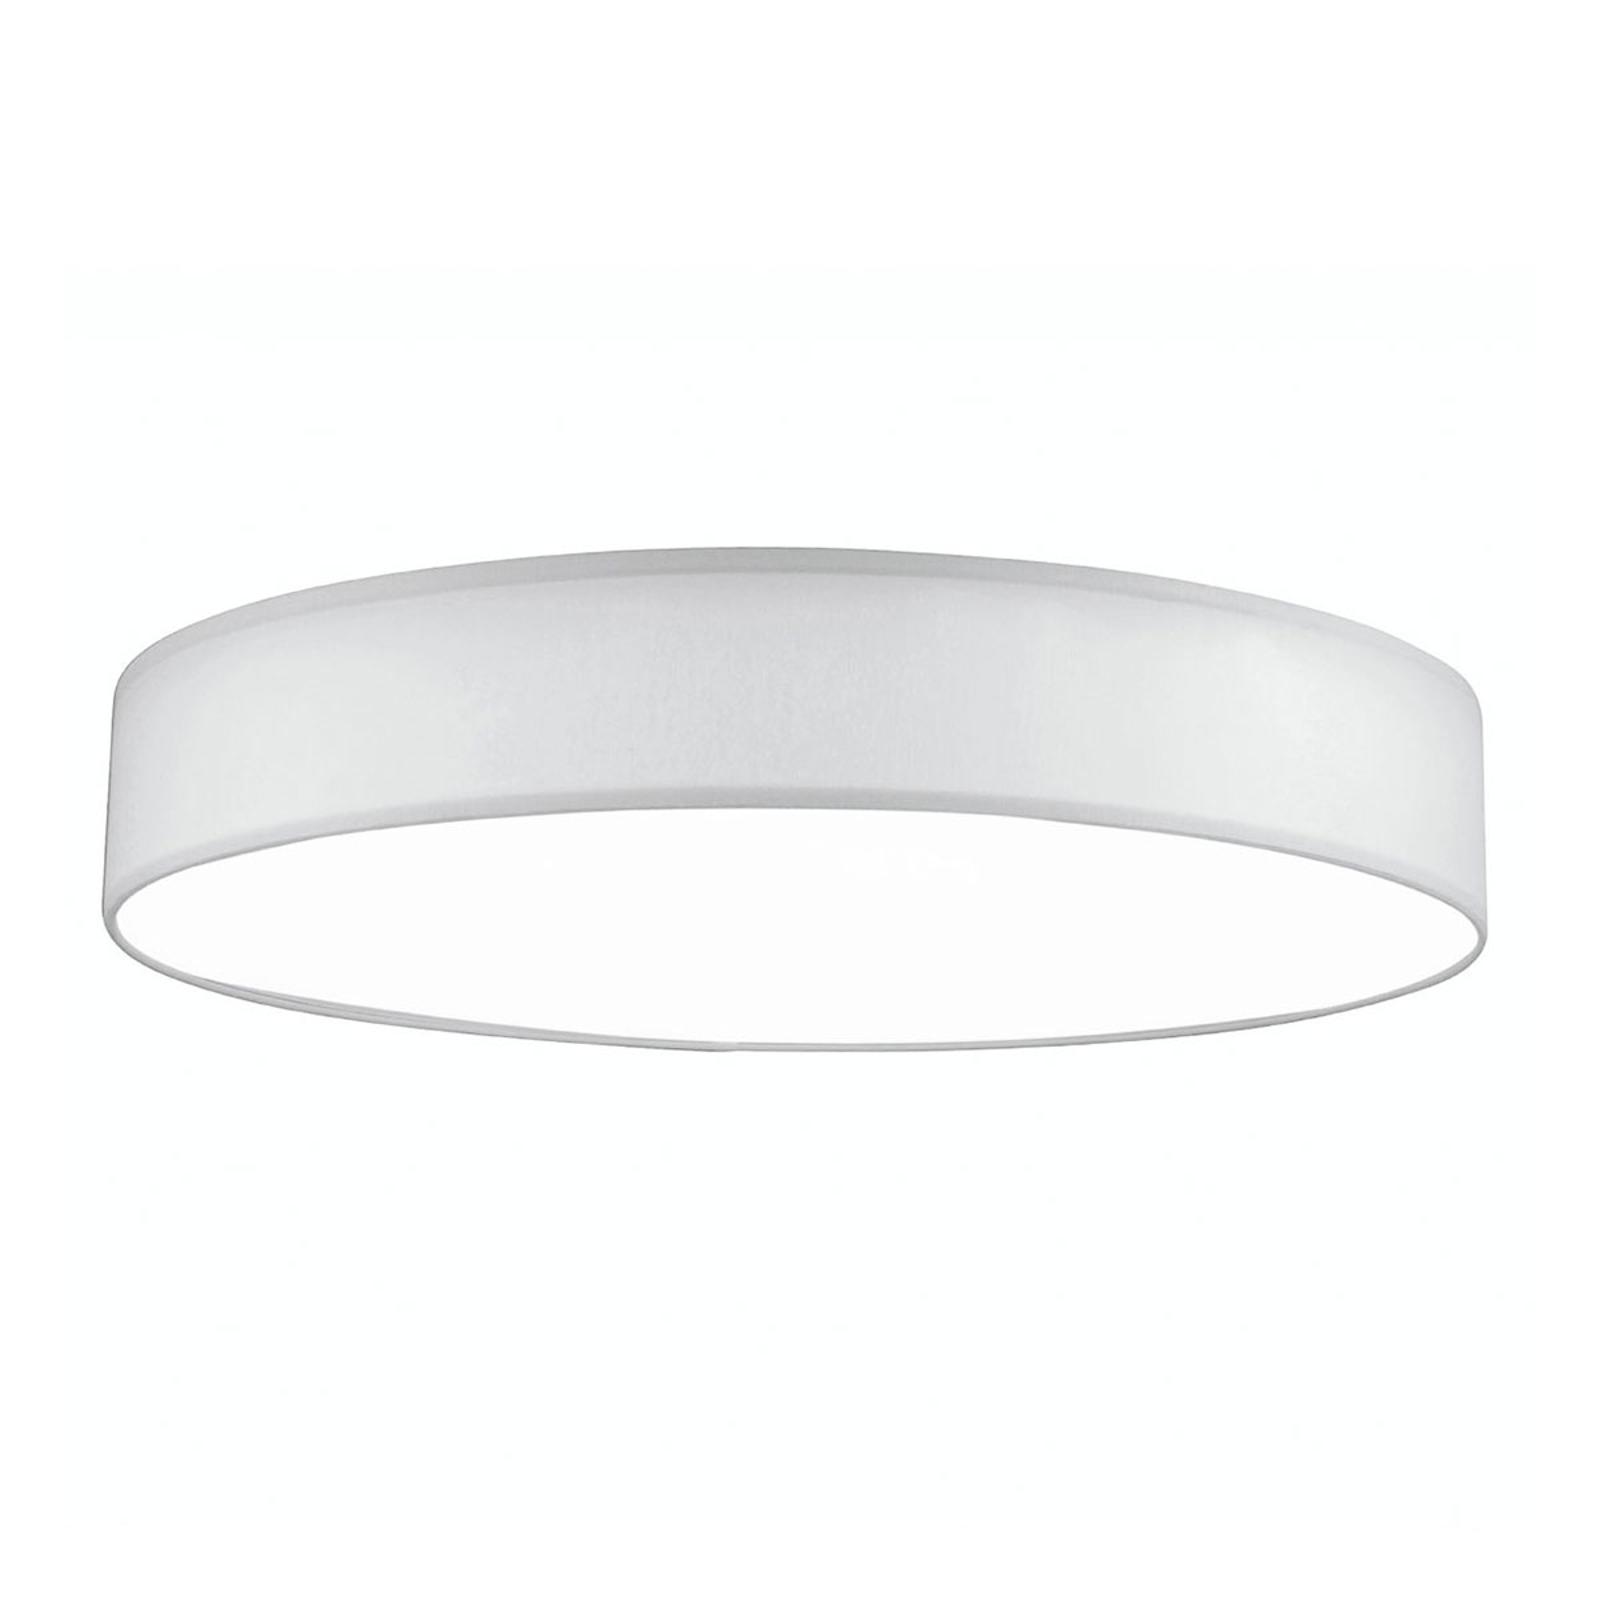 LED plafondlamp Luno XL 3.000K 60 W wit